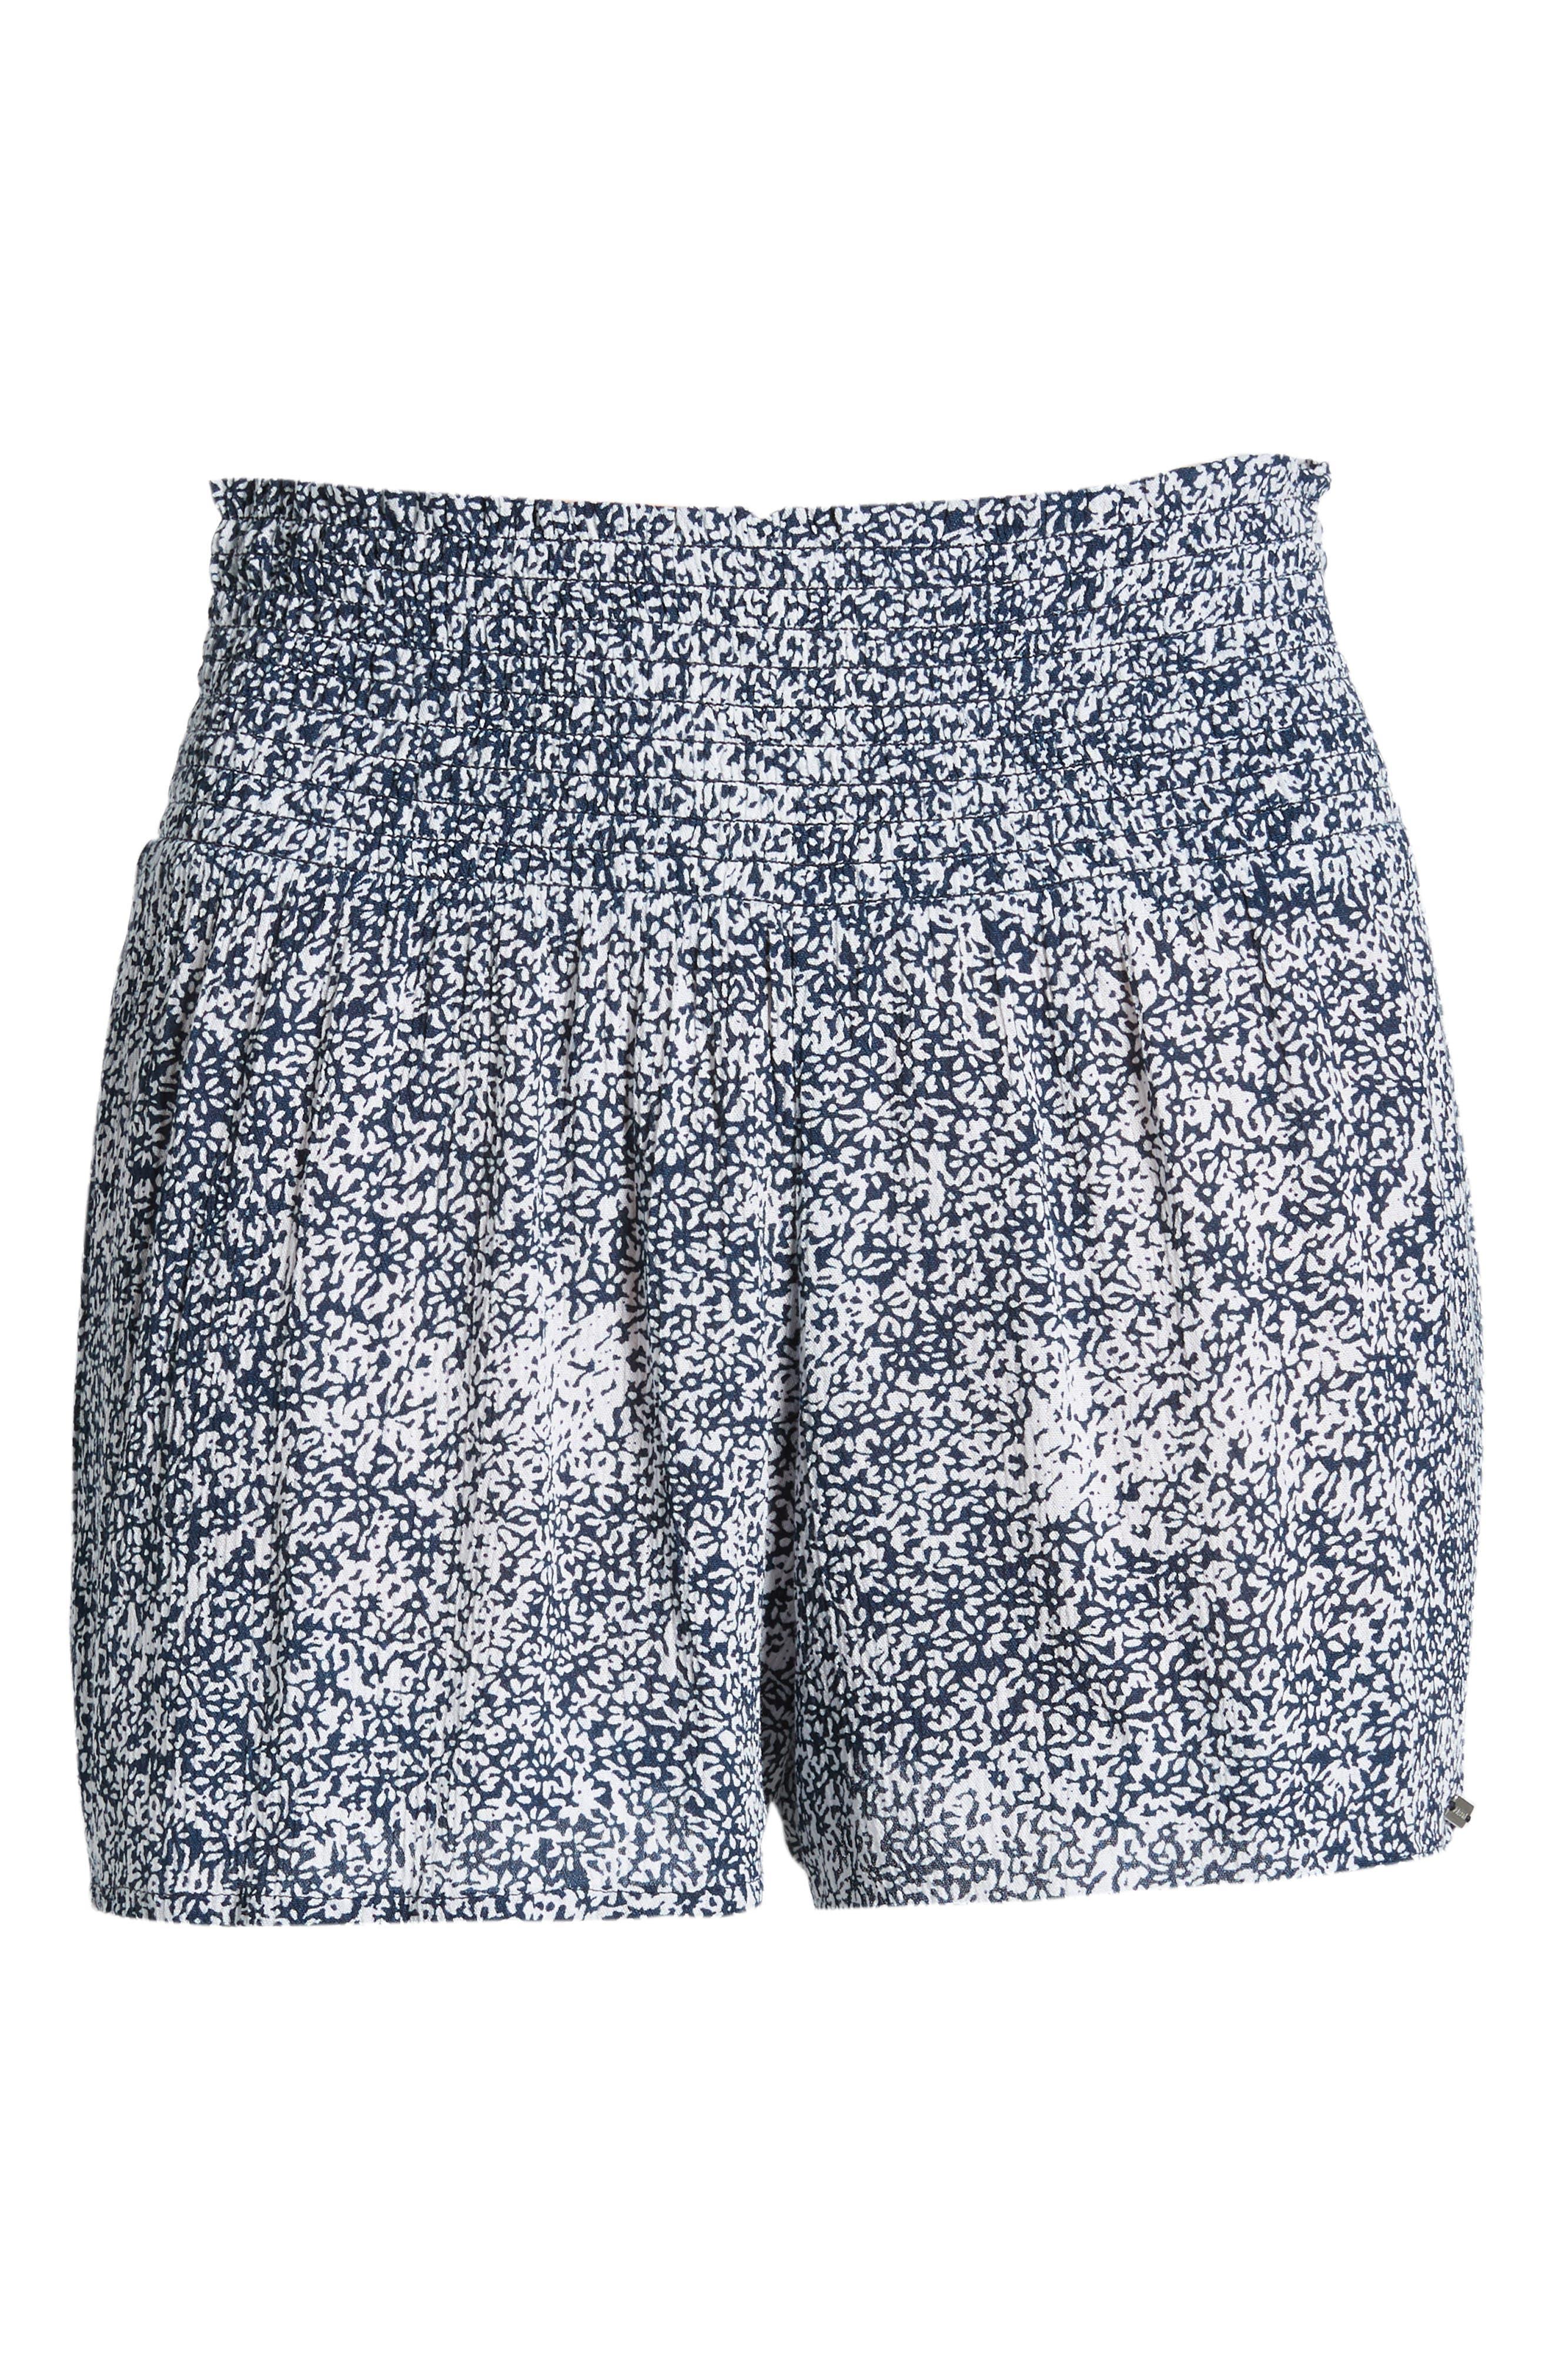 She's So Daisy Smock Waist Shorts,                             Alternate thumbnail 6, color,                             415